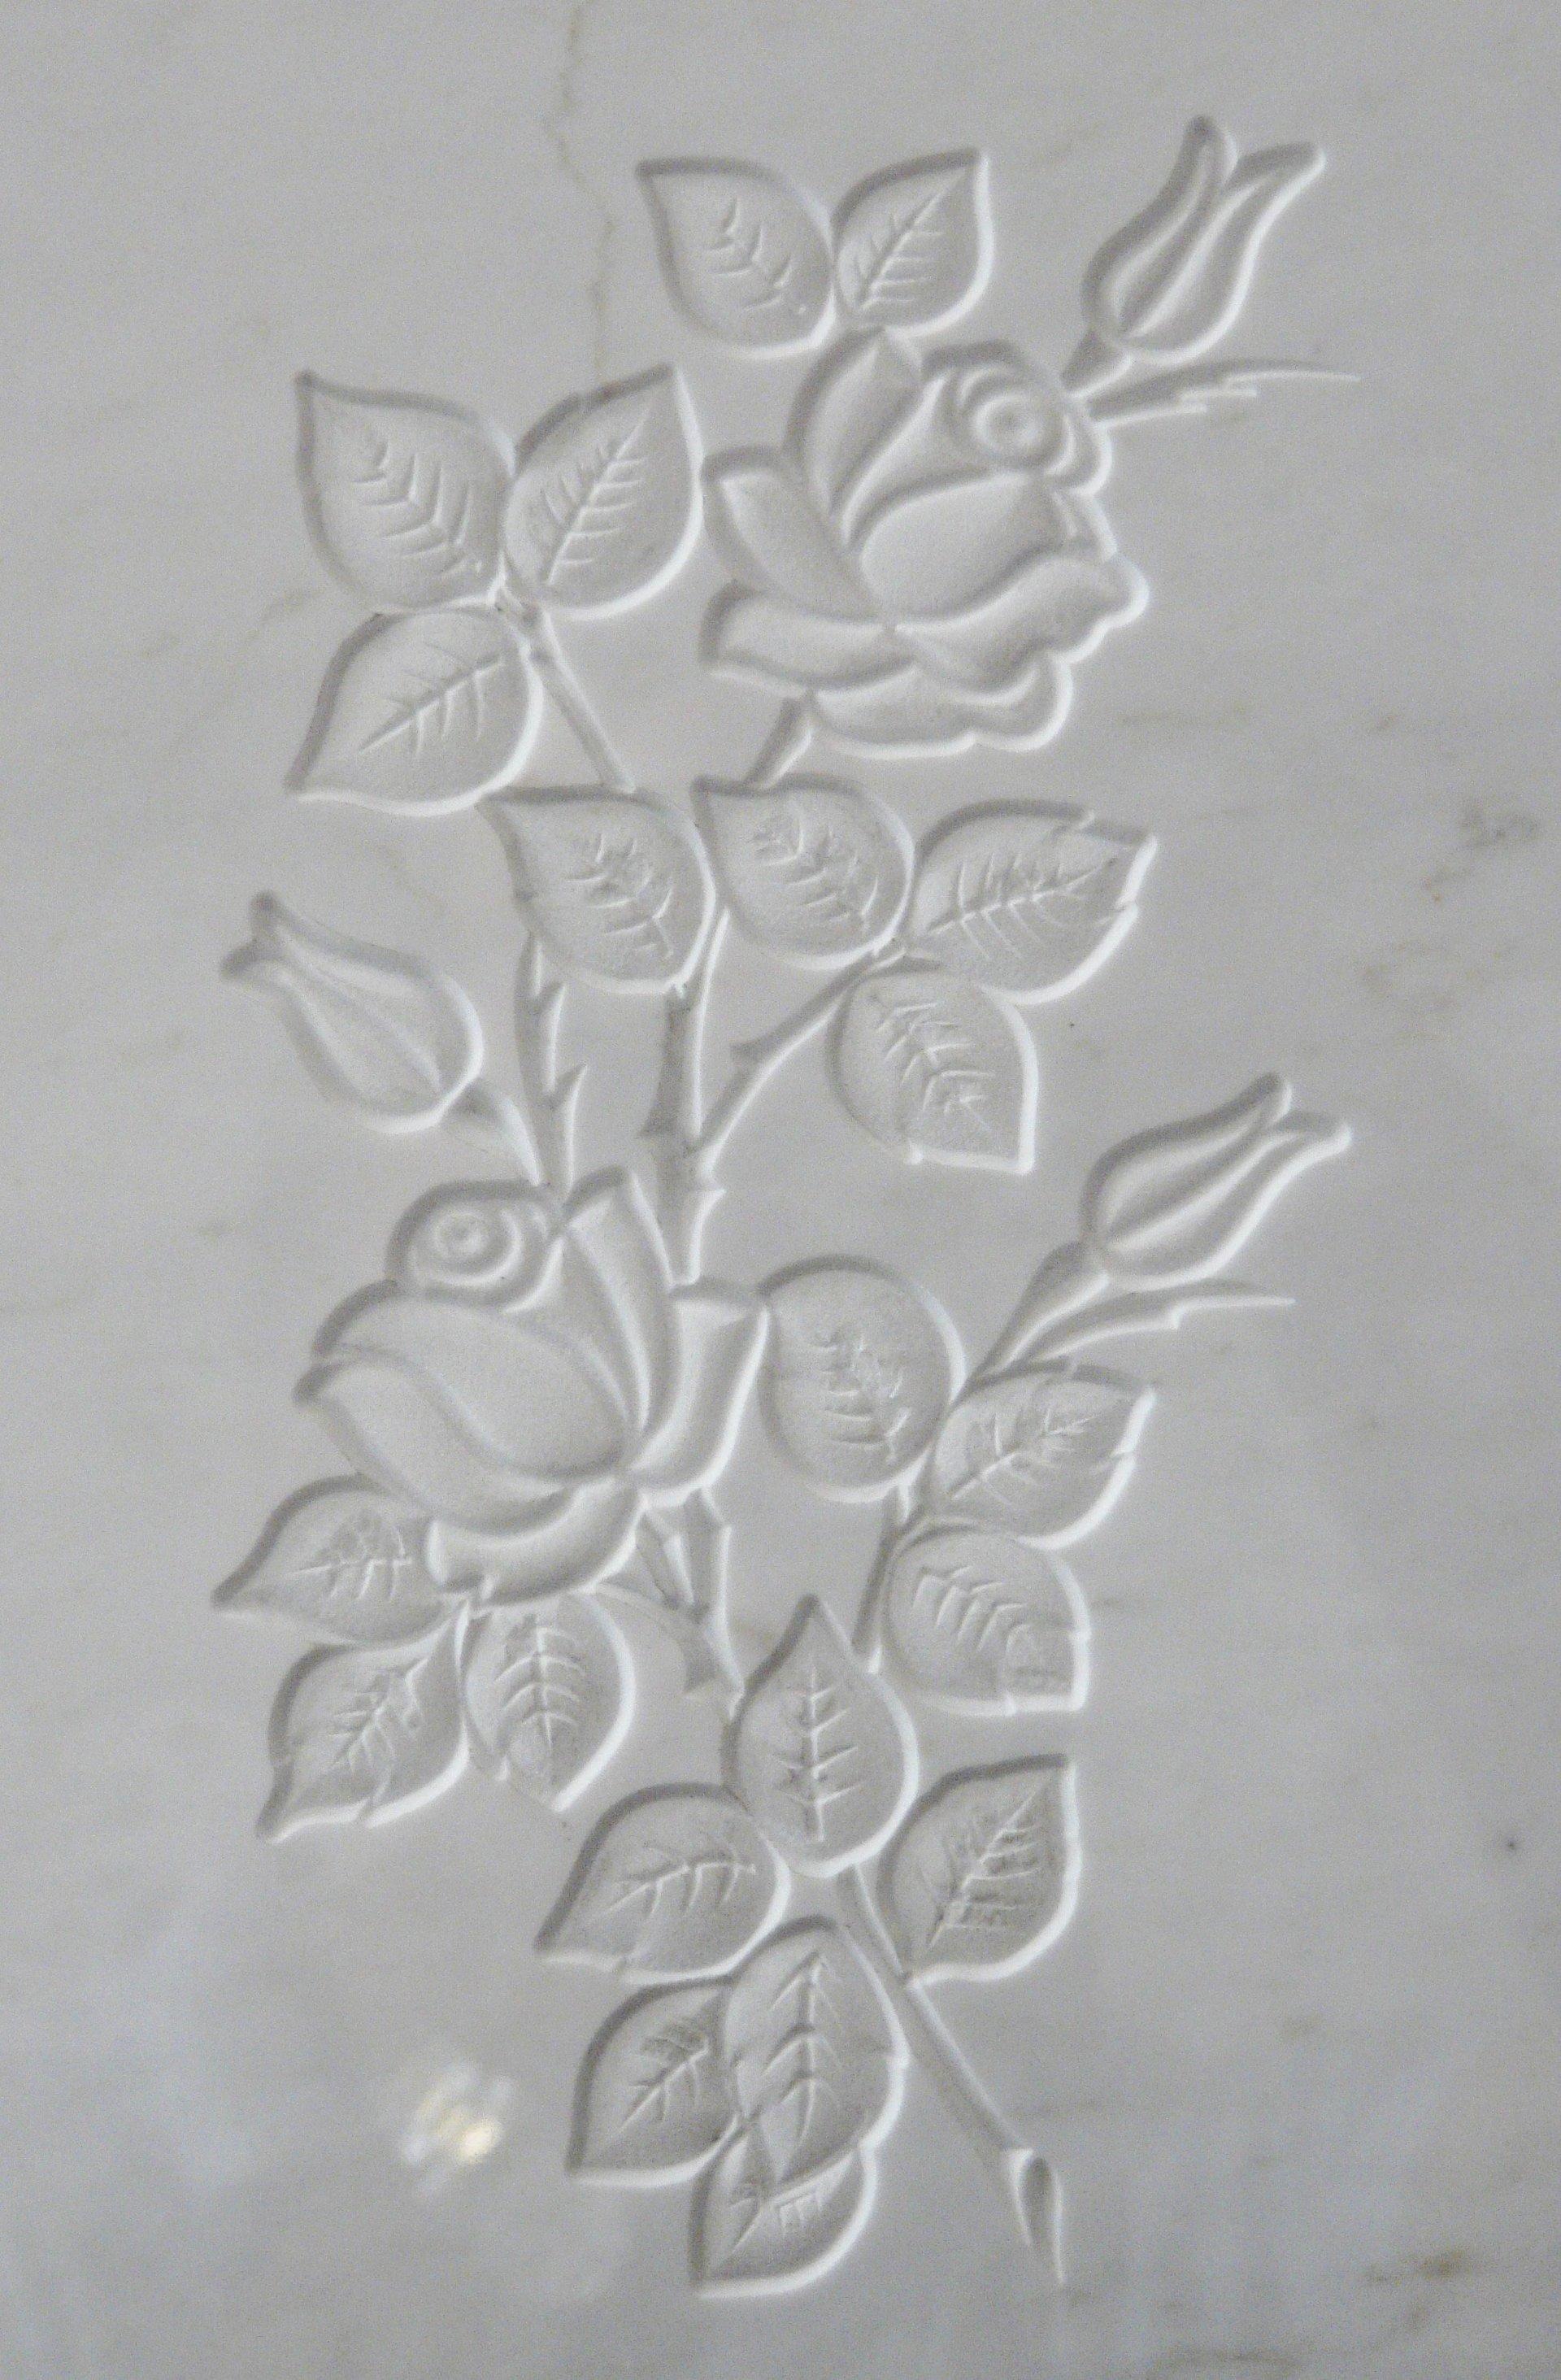 bassorilievo su marmo bianco rappresentante una rosa